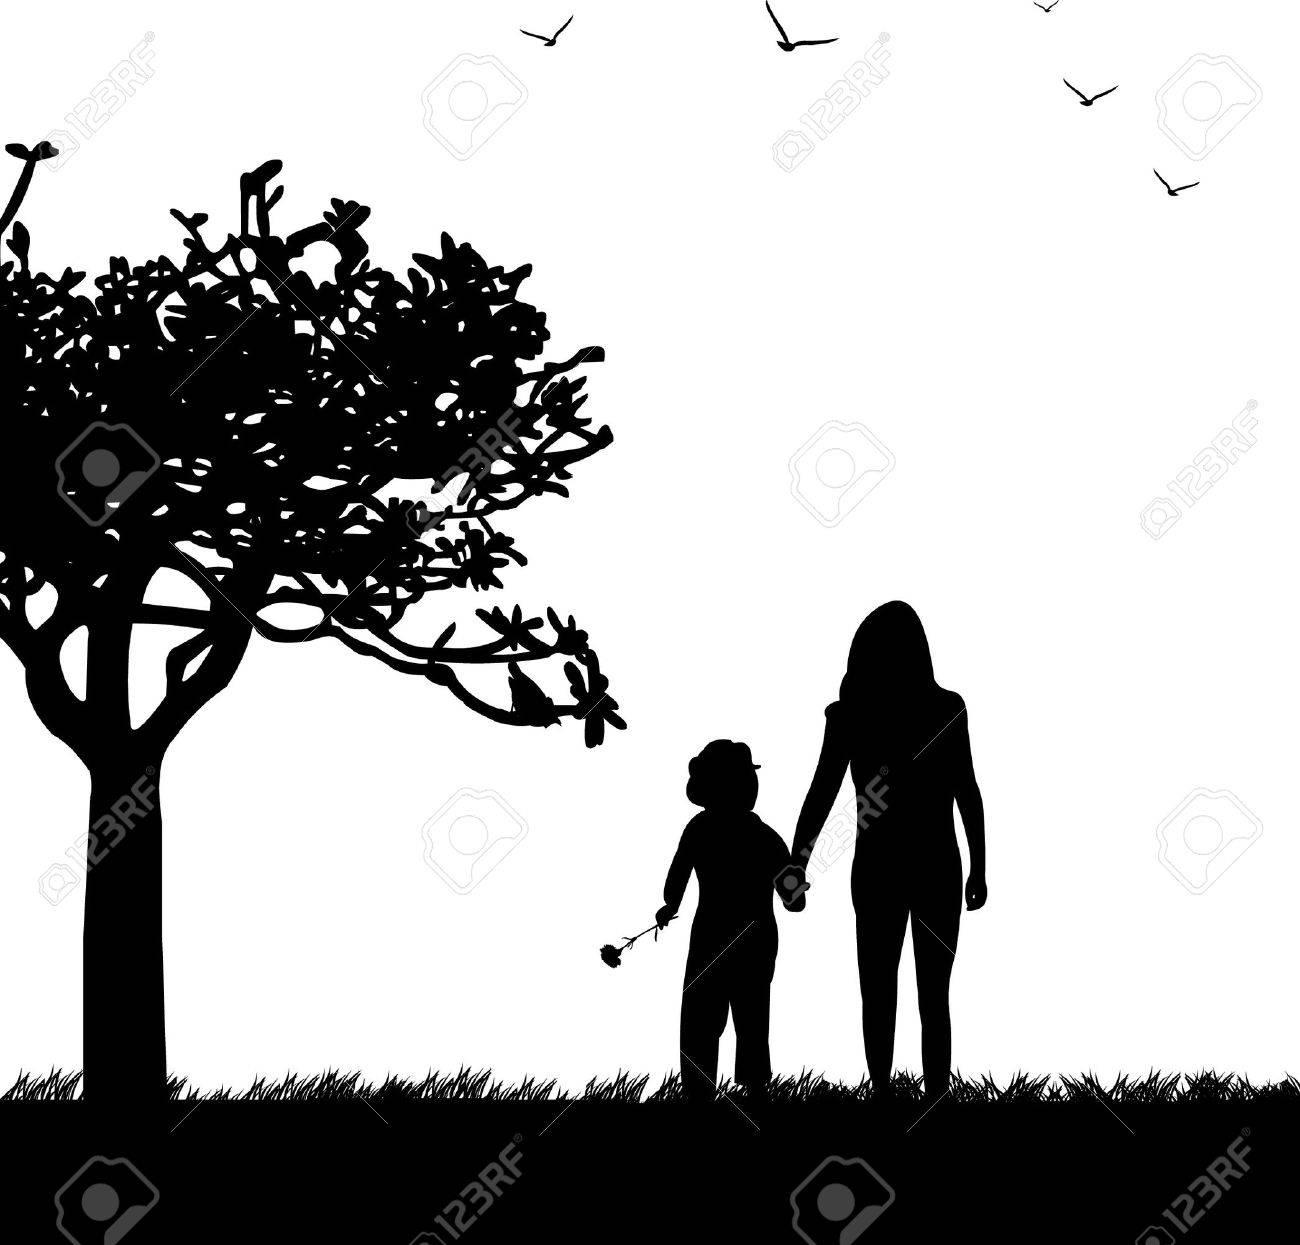 Madre S Días Celebración Entre Madre E Hija En El Parque Fondos De